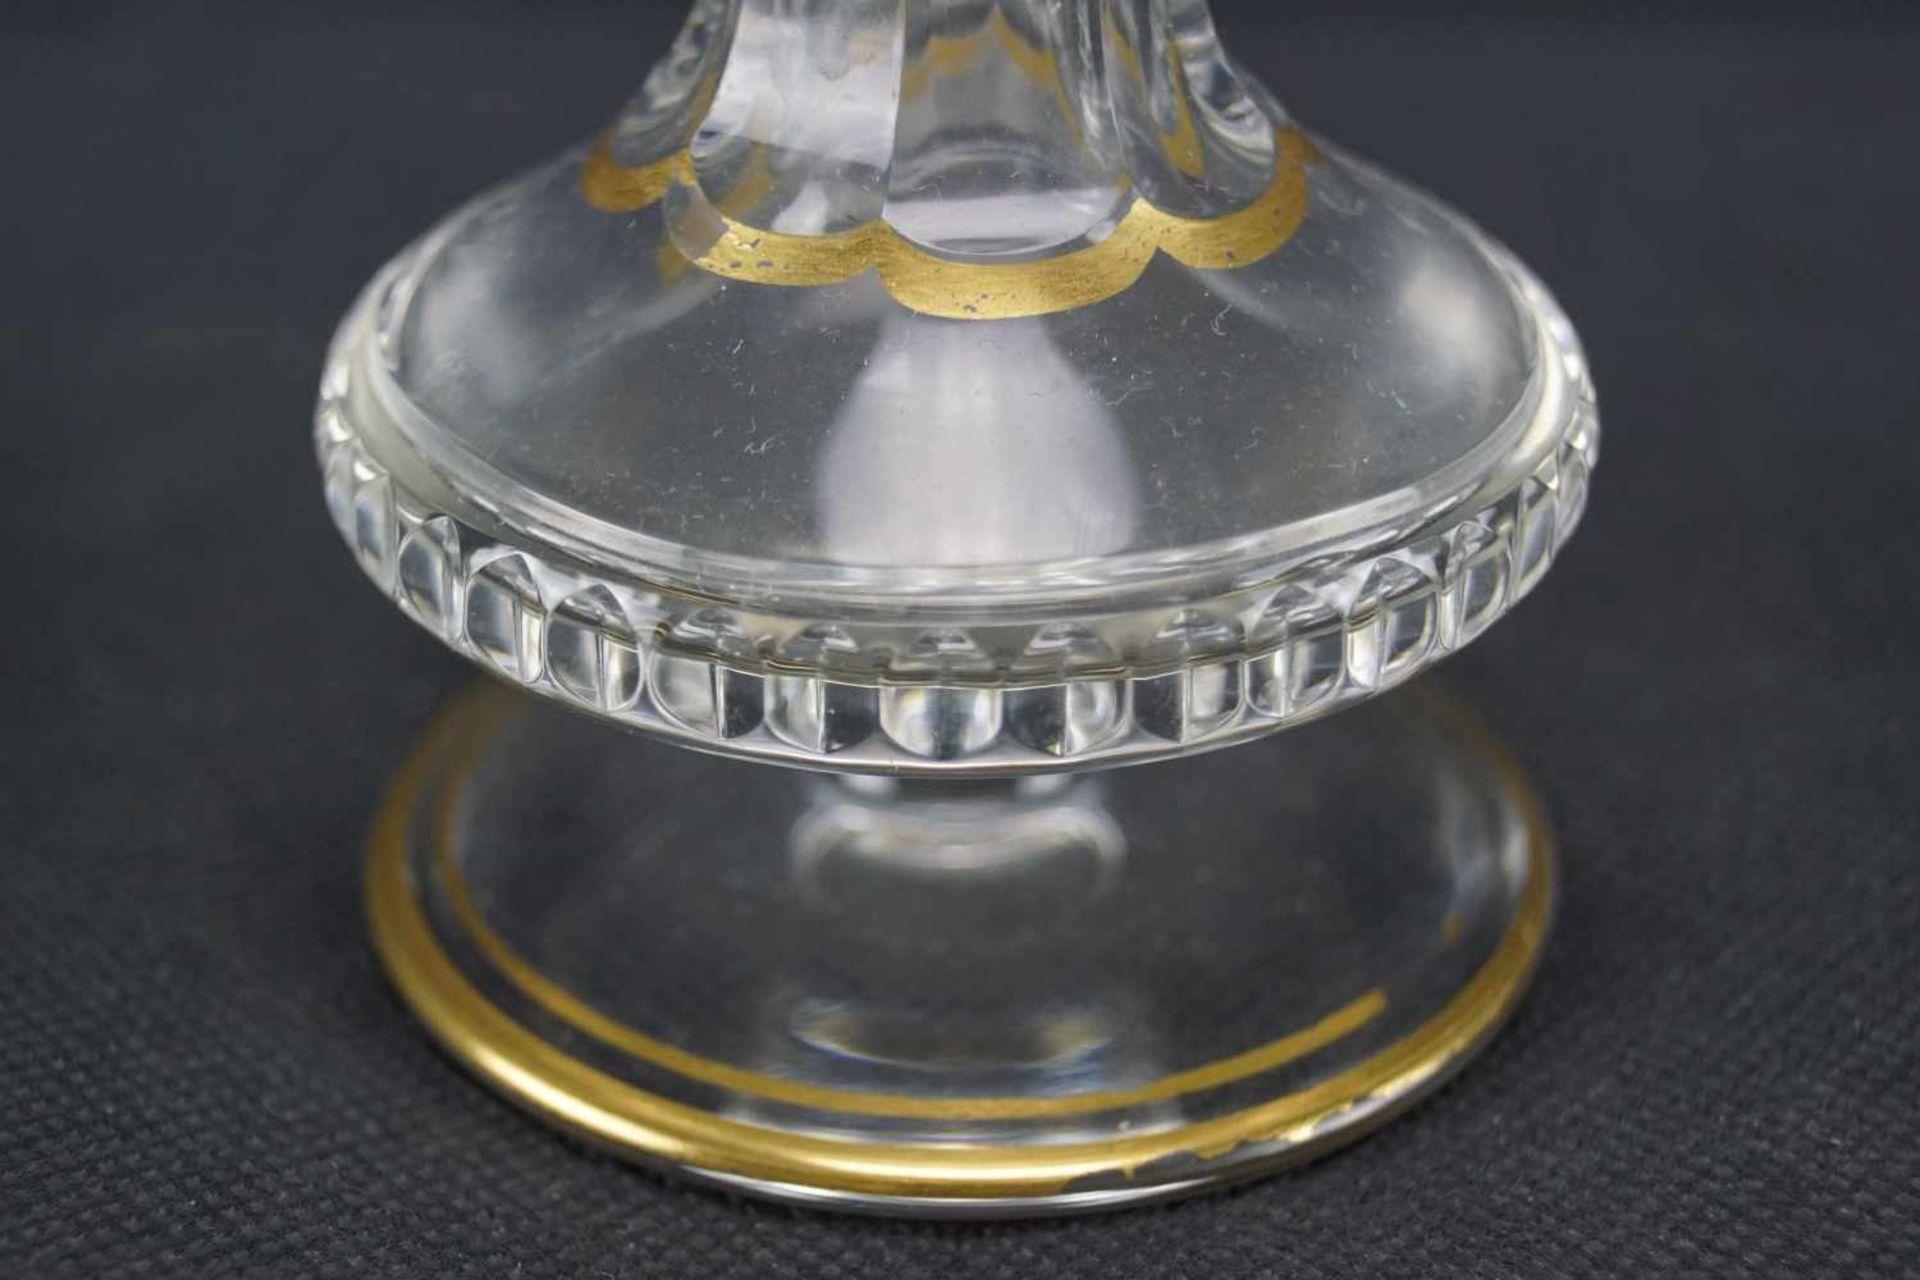 Vase, Saint Louis Mit Ätzmarke versehen, Serie Thistle Gold, Höhe 17,5 cm, Gold berieben, eine - Bild 3 aus 5